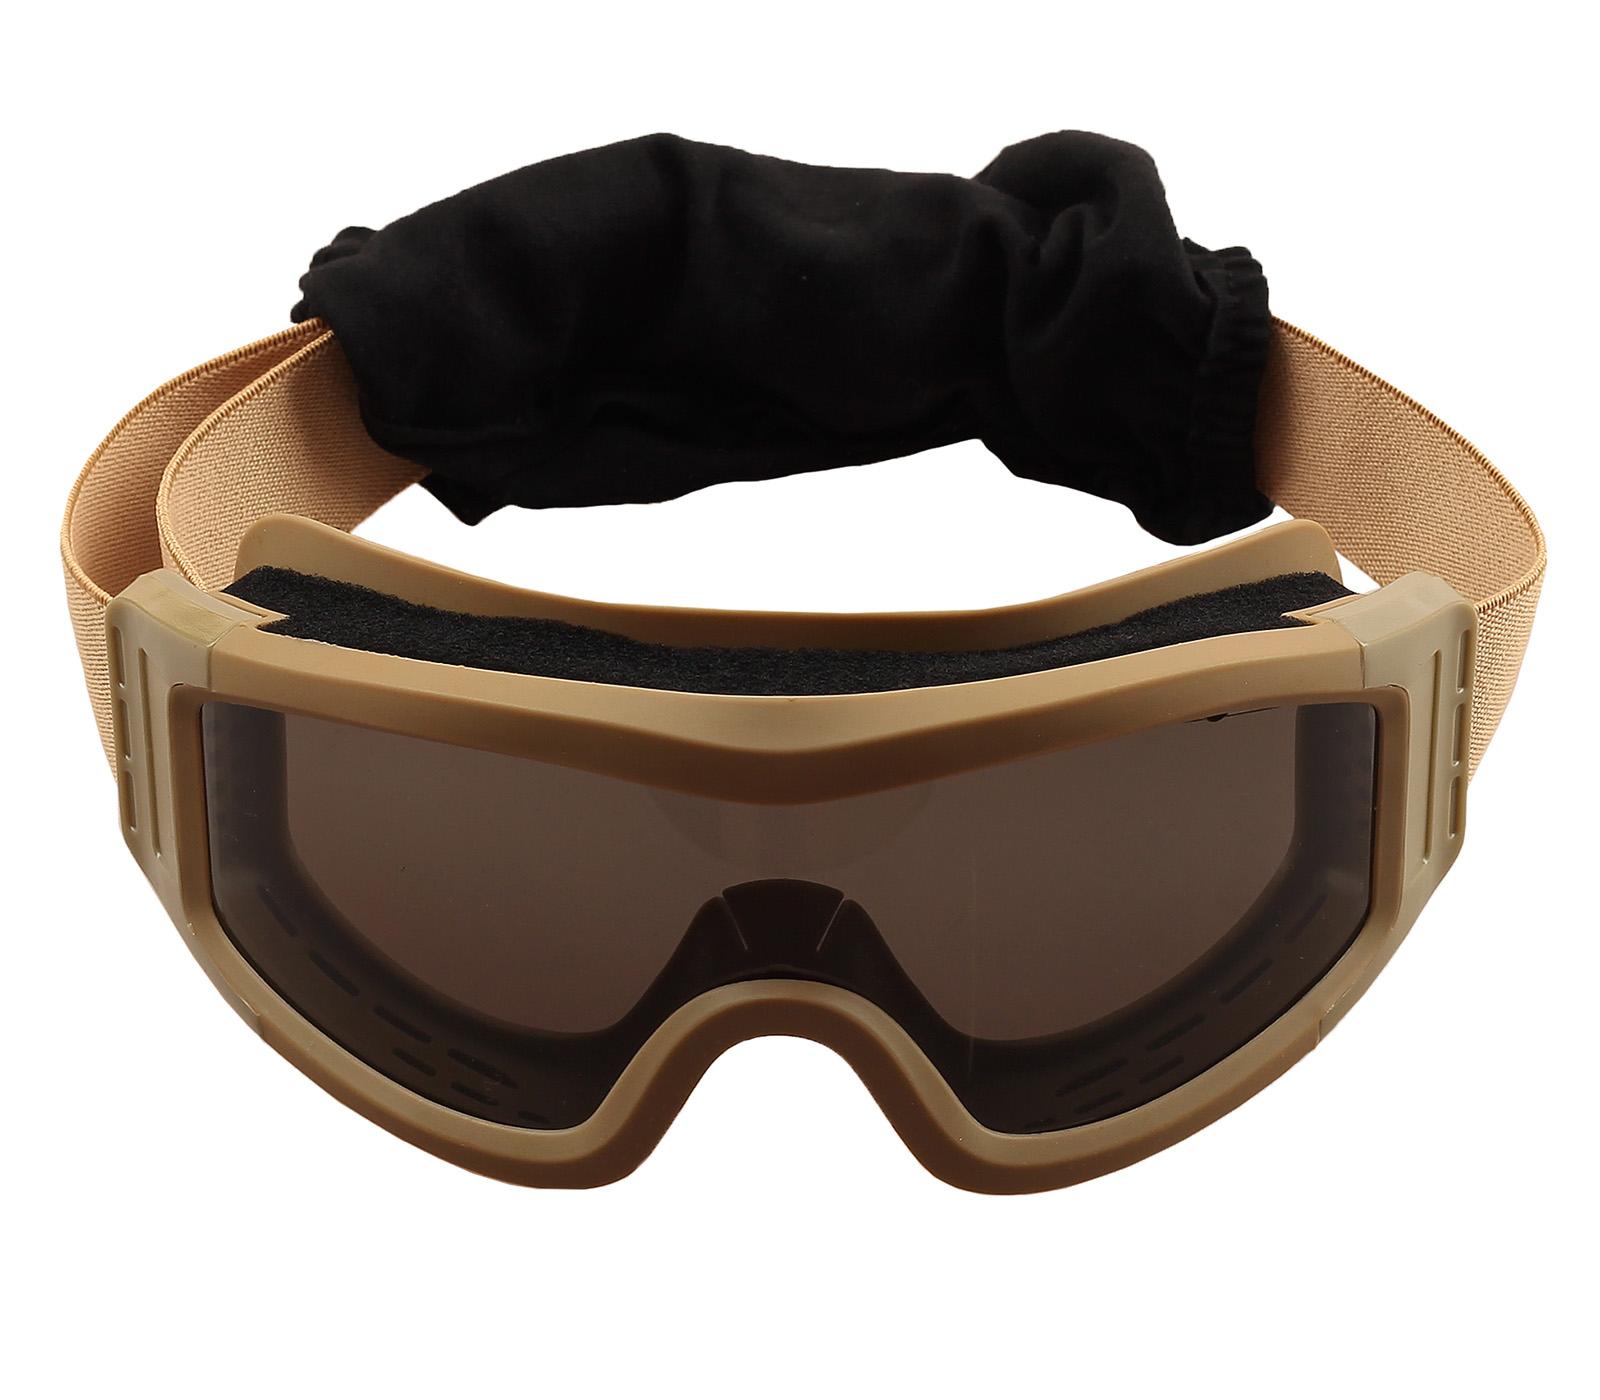 Купить лучшие тактические очки хаки-песок по привлекательной цене